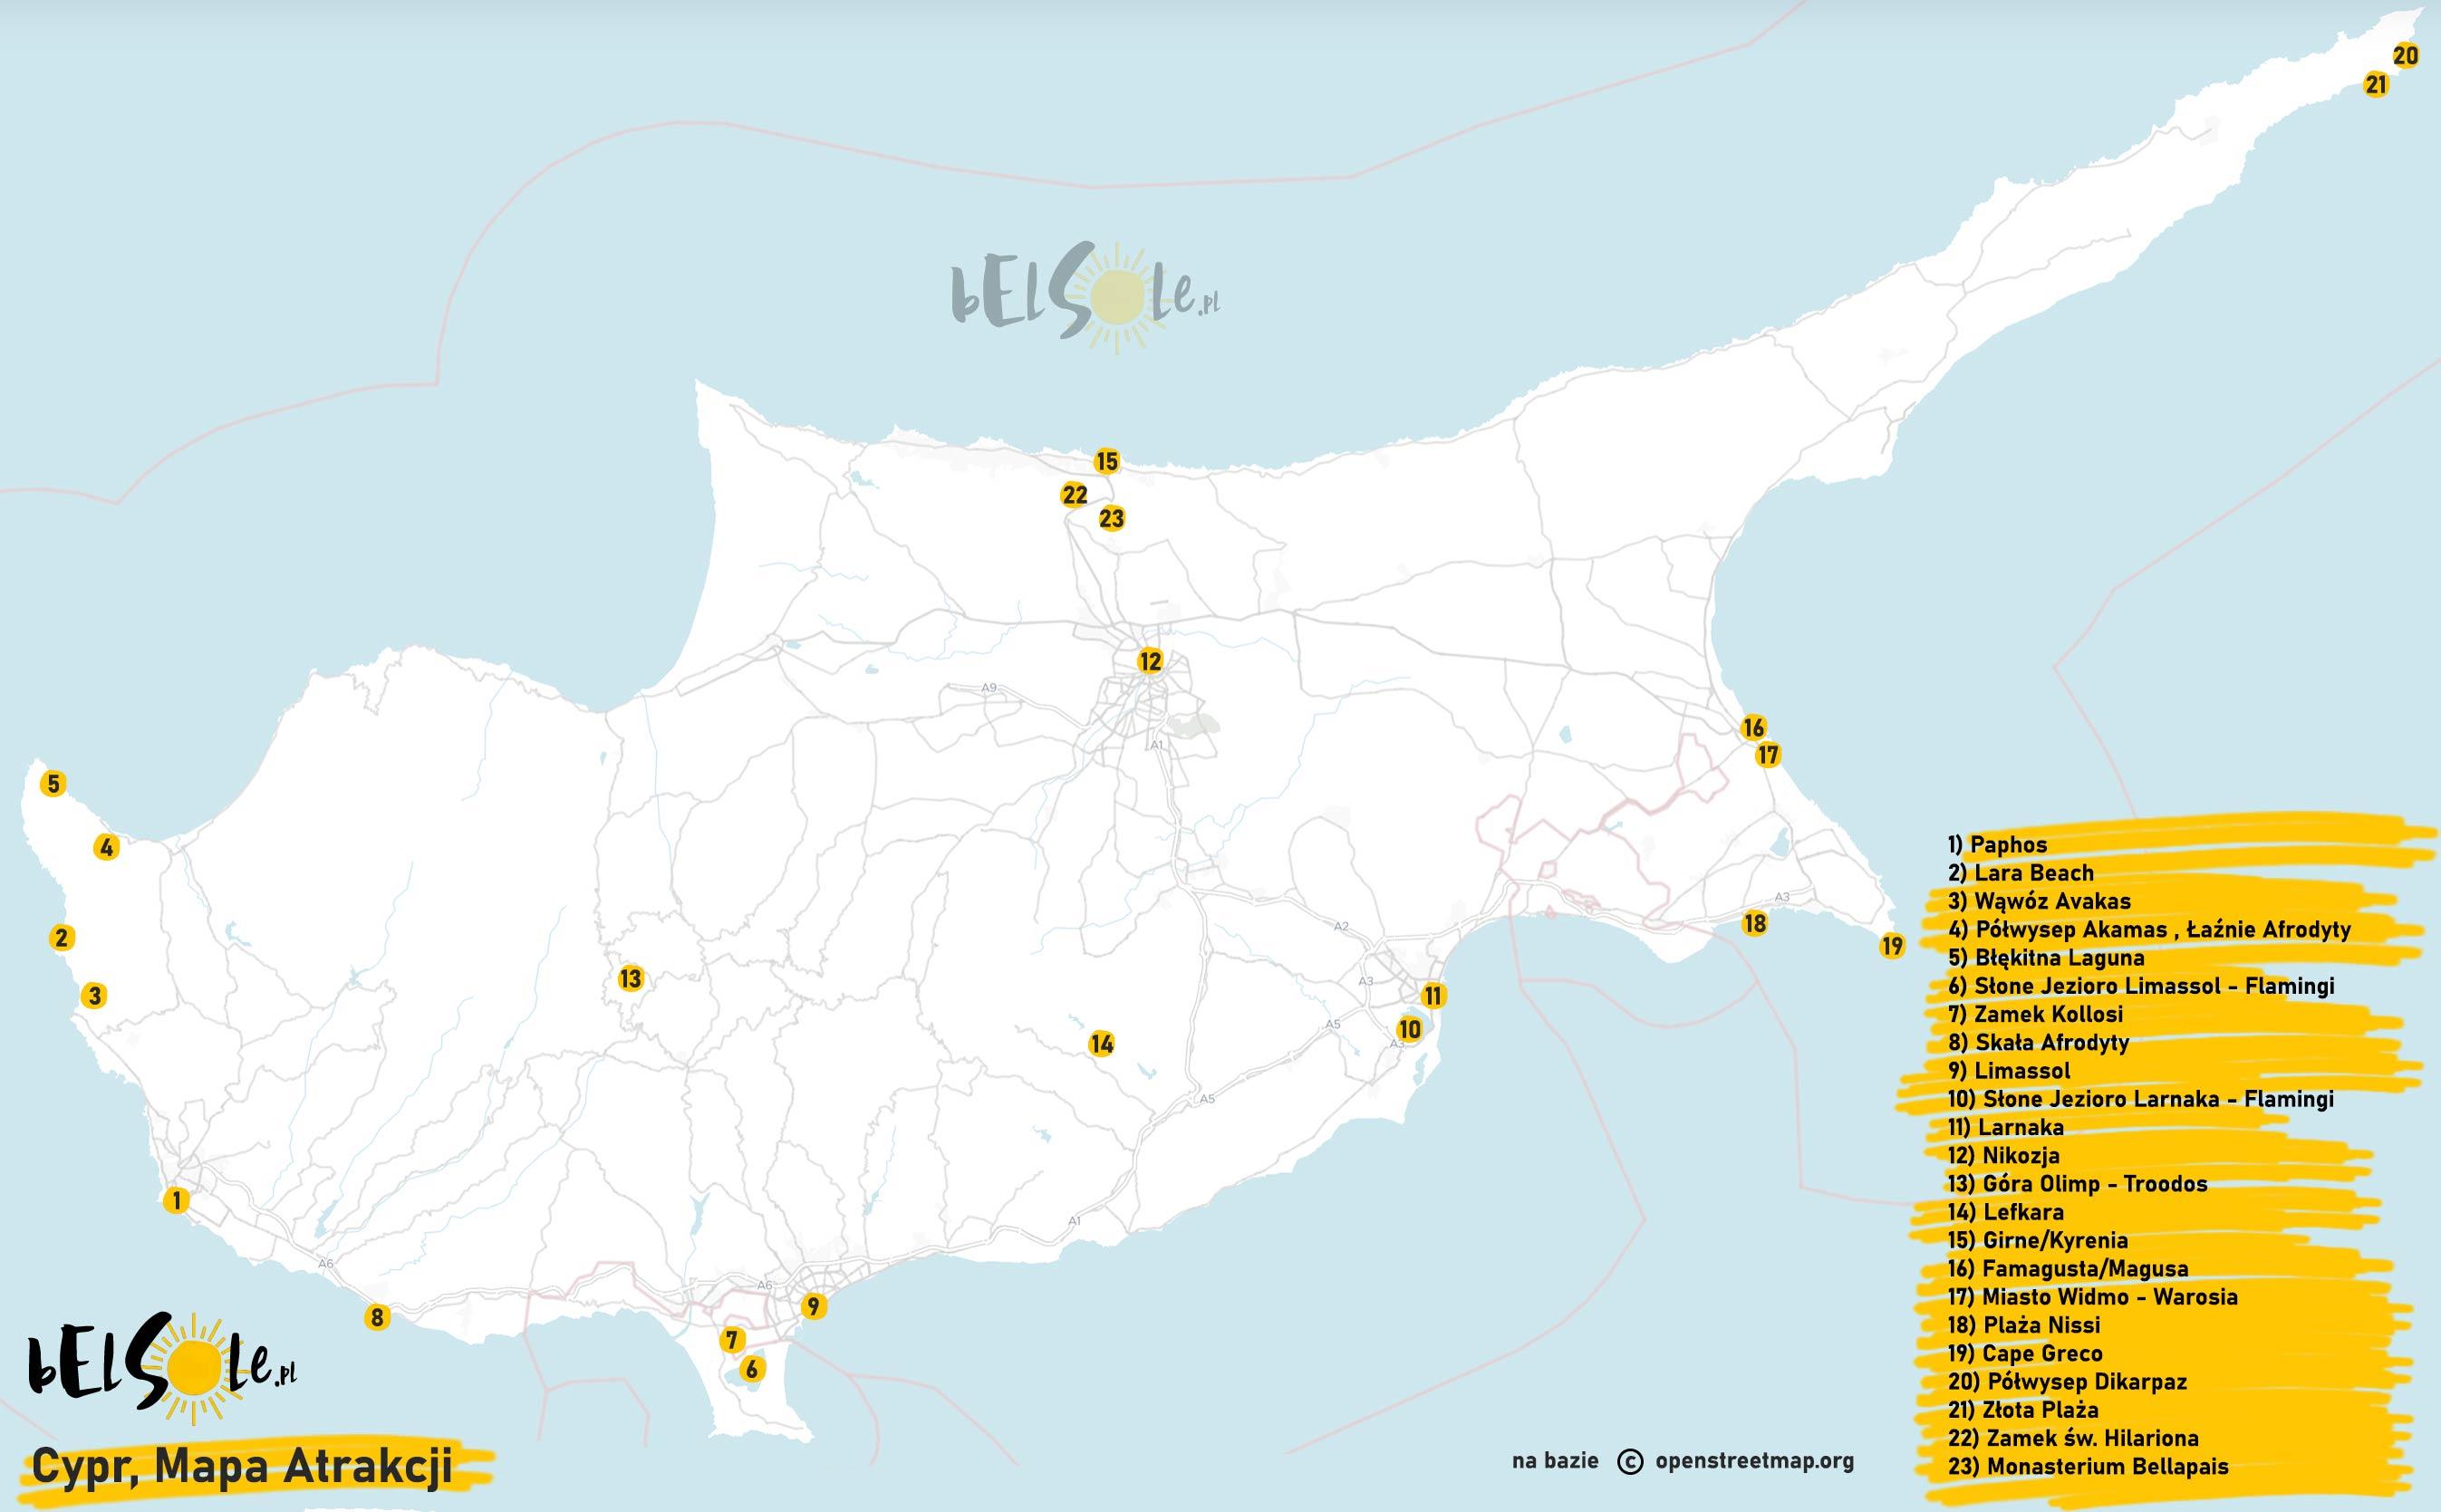 cypr mapa atrakcji